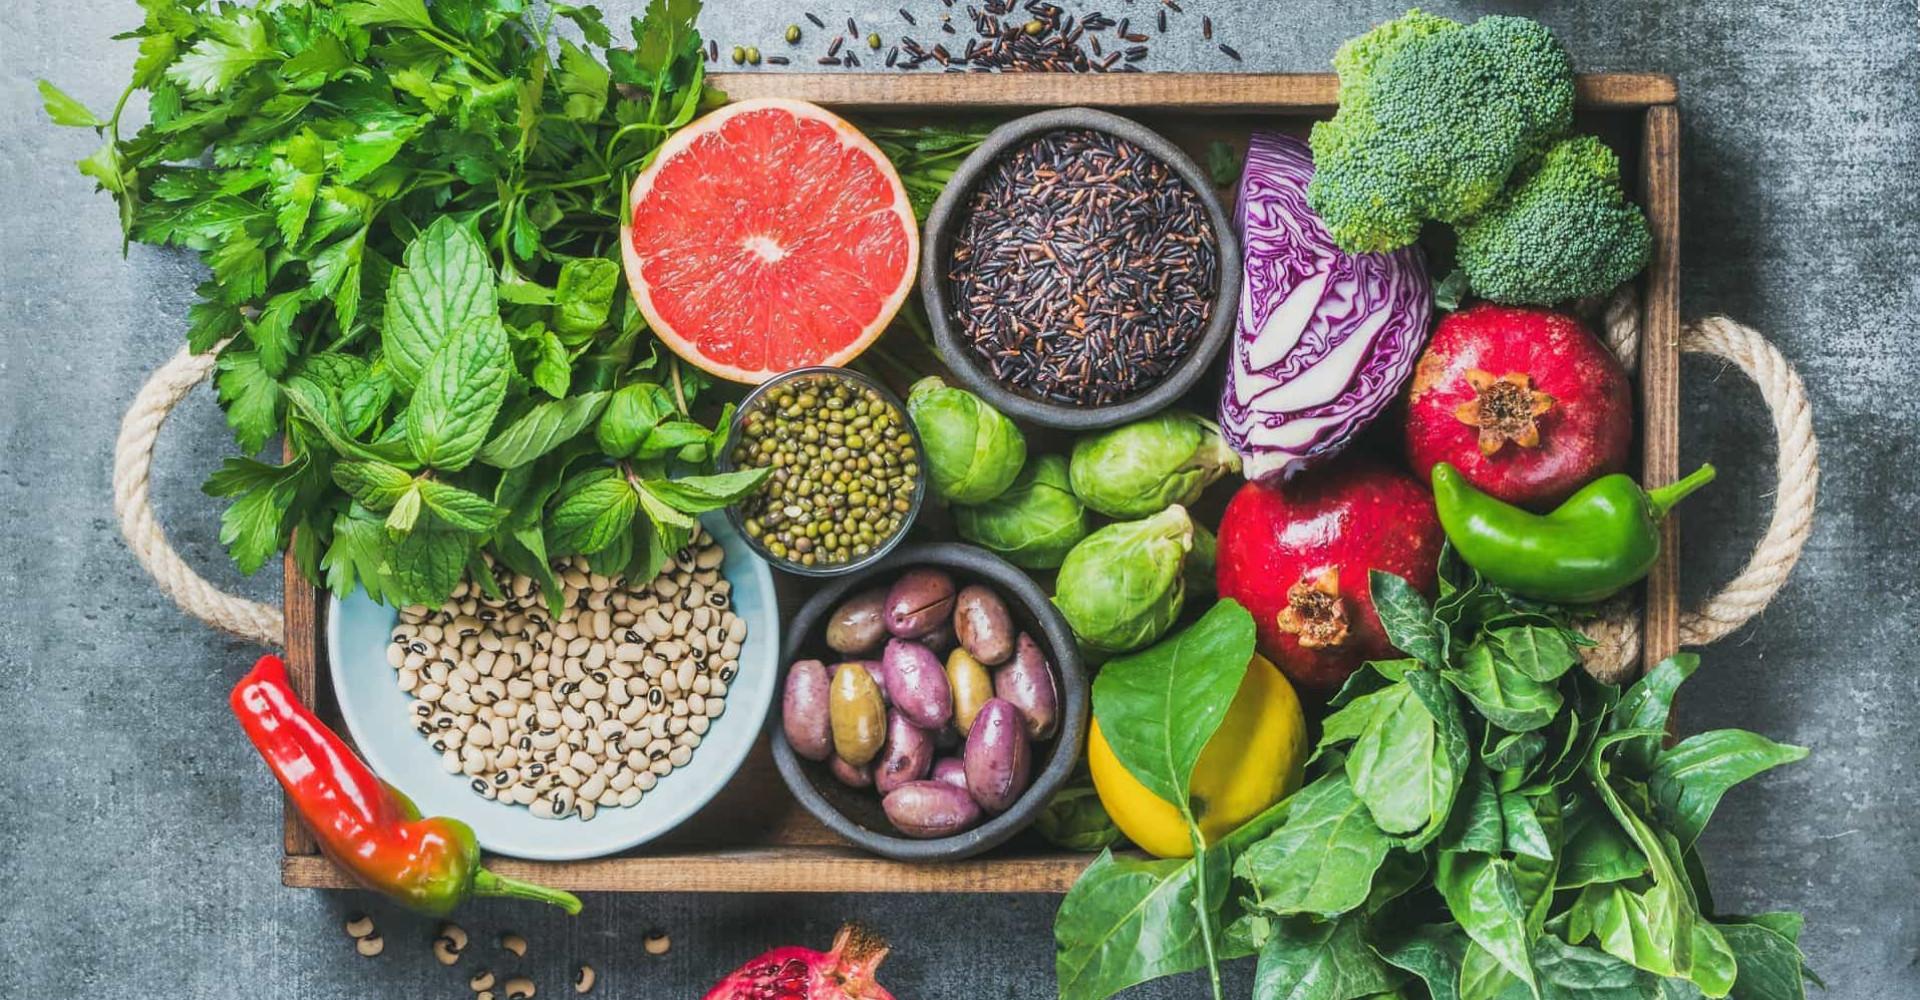 L'elisir non serve: ecco gli alimenti che ti aiutano a rimanere giovane